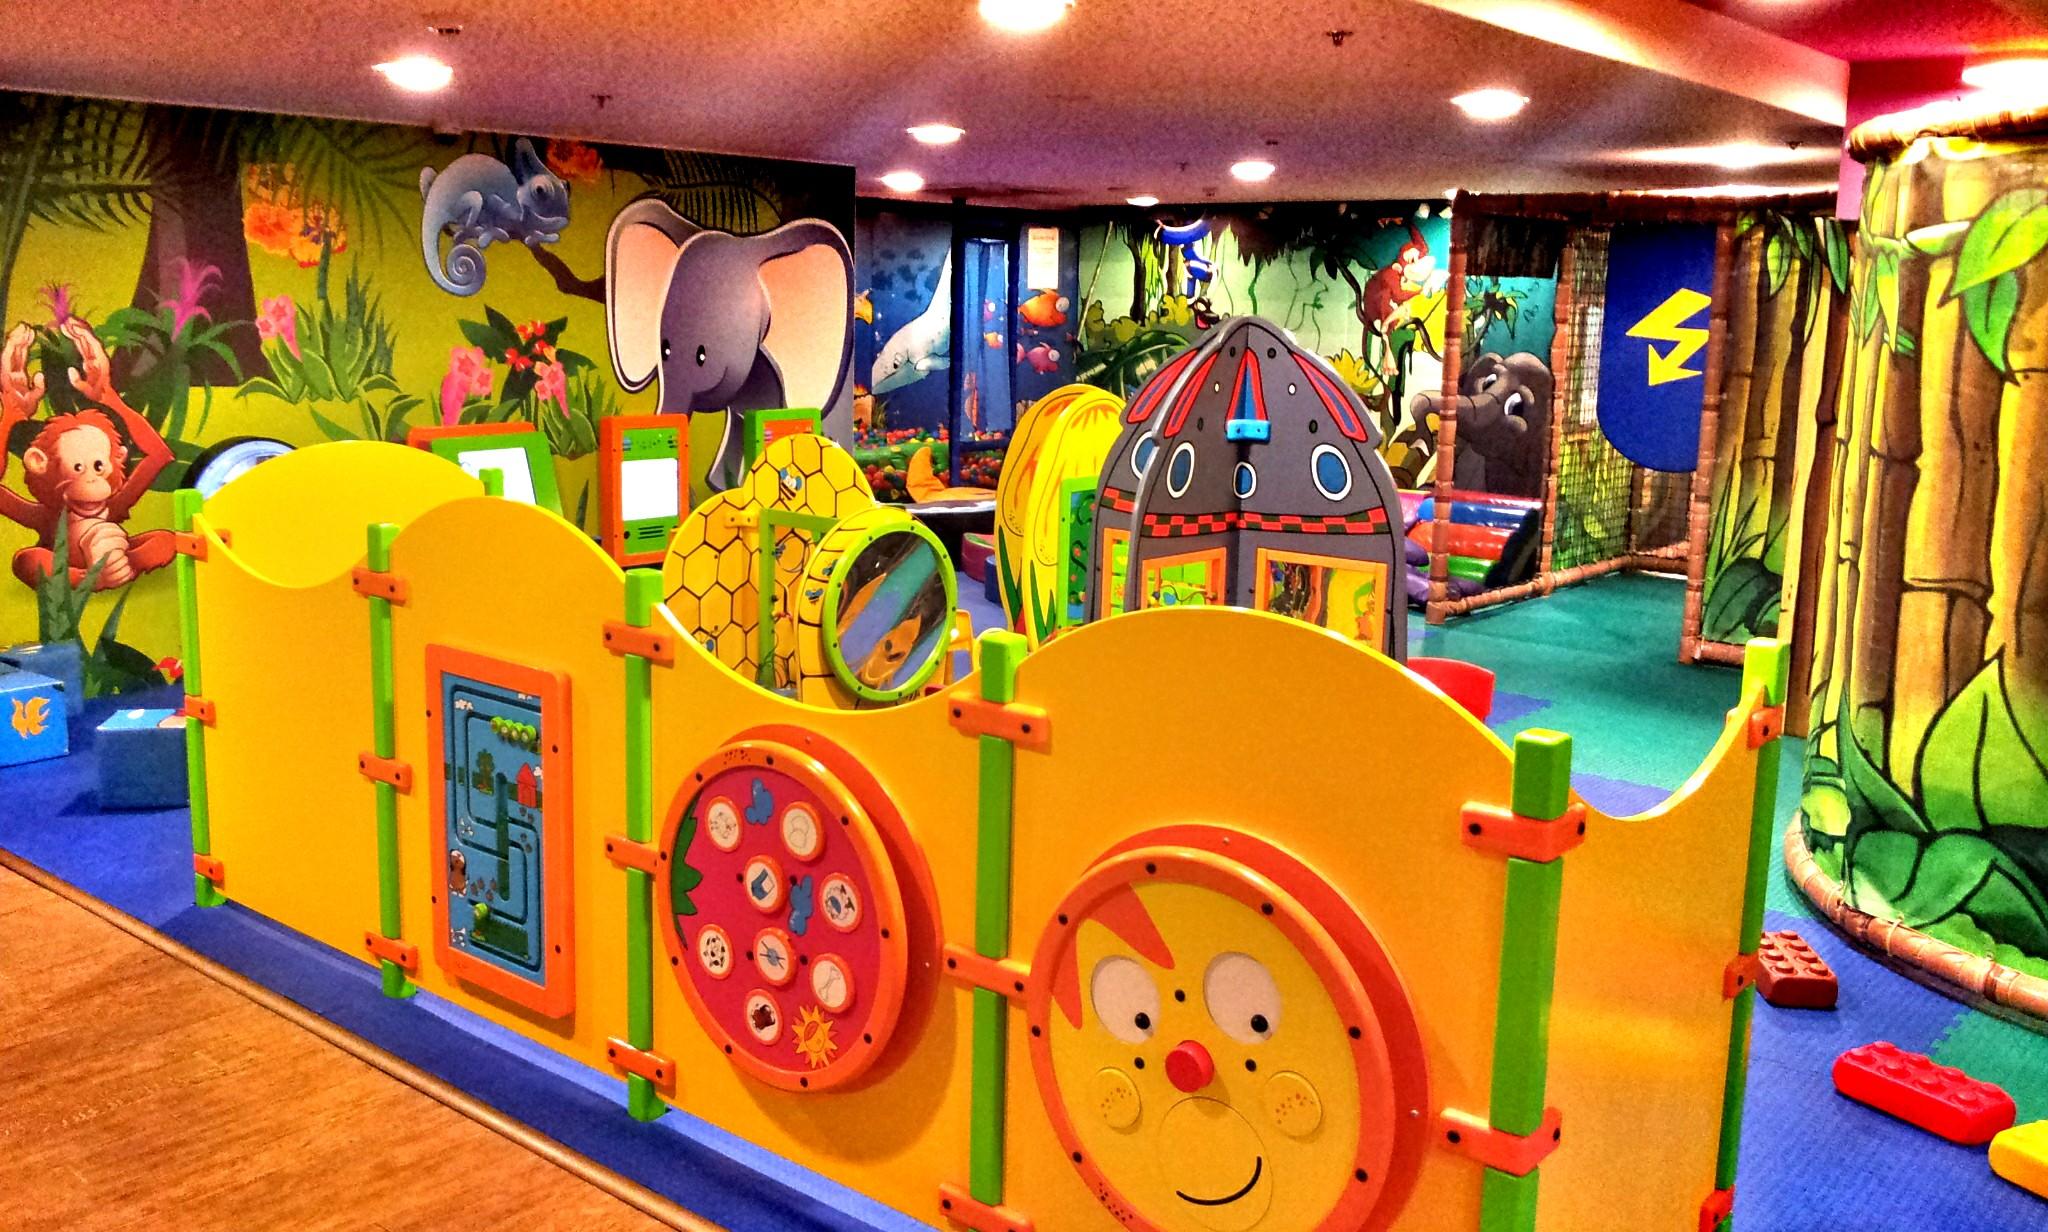 Куплю детские игровые автоматы б у цена игровые автоматы купить в екатеринбурге